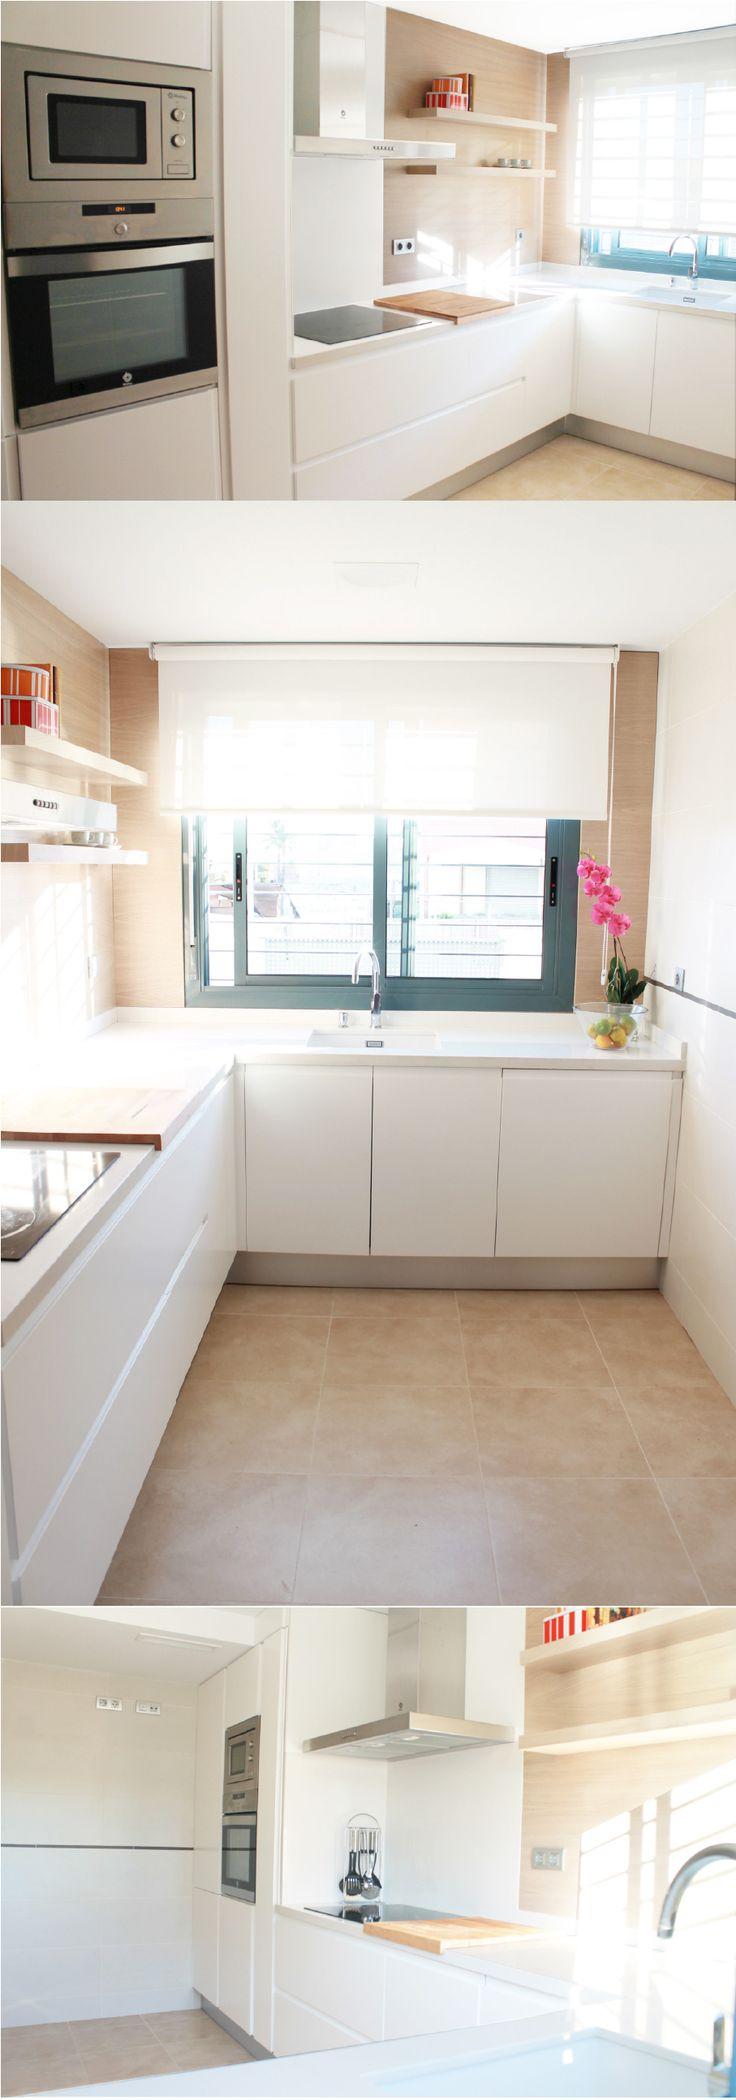 La-casa-de-Miguel-COCINA. Cocina en lacado blanco mate / Roble Natural. ALARCA. Estudio creativo. www.alarcaestudiocreativo.es